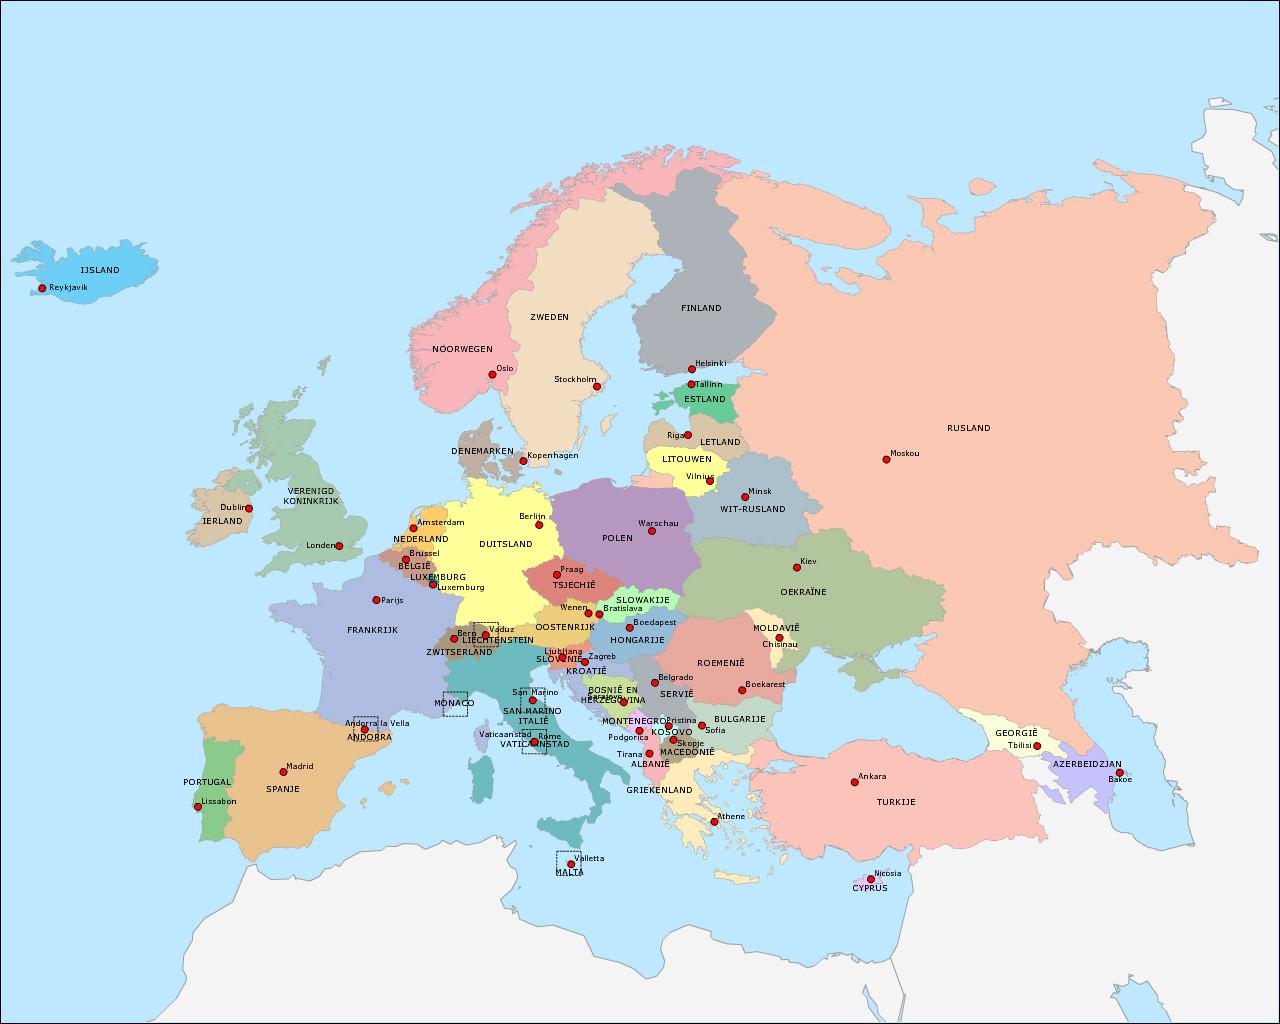 landen-en-hoofdsteden-van-europa-(deel-2)